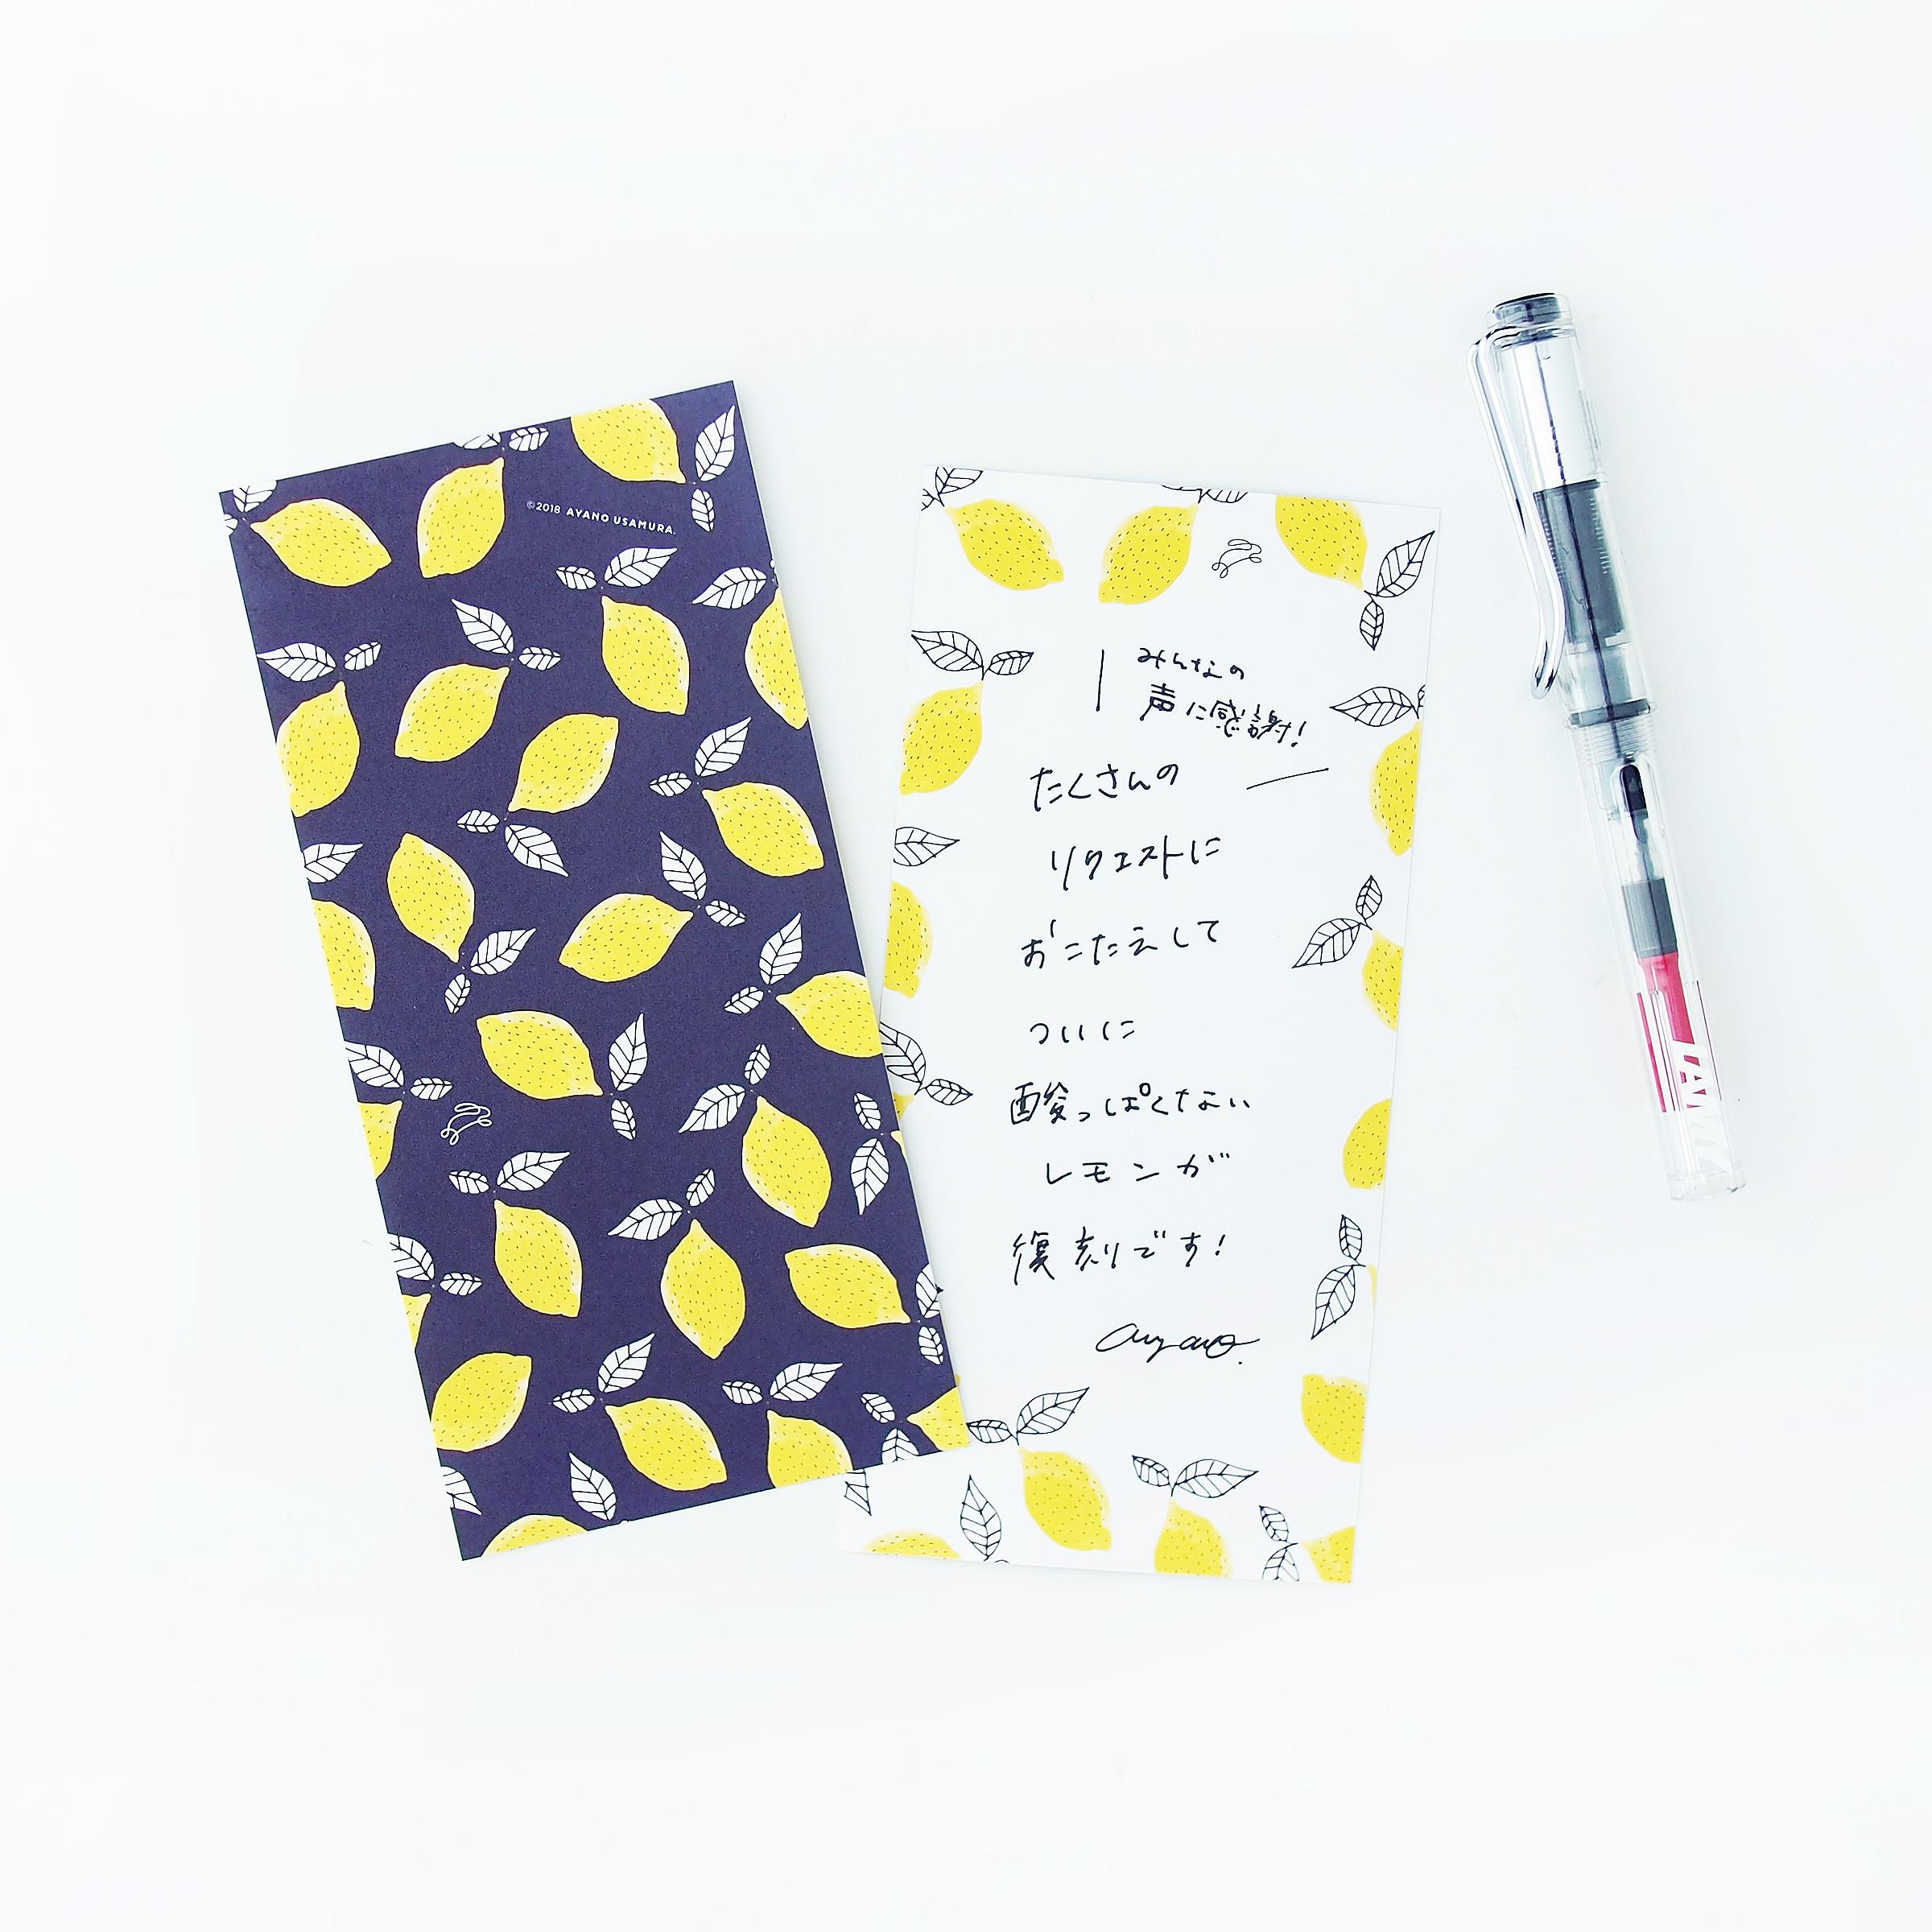 兎村一筆箋|酸っぱくないレモン